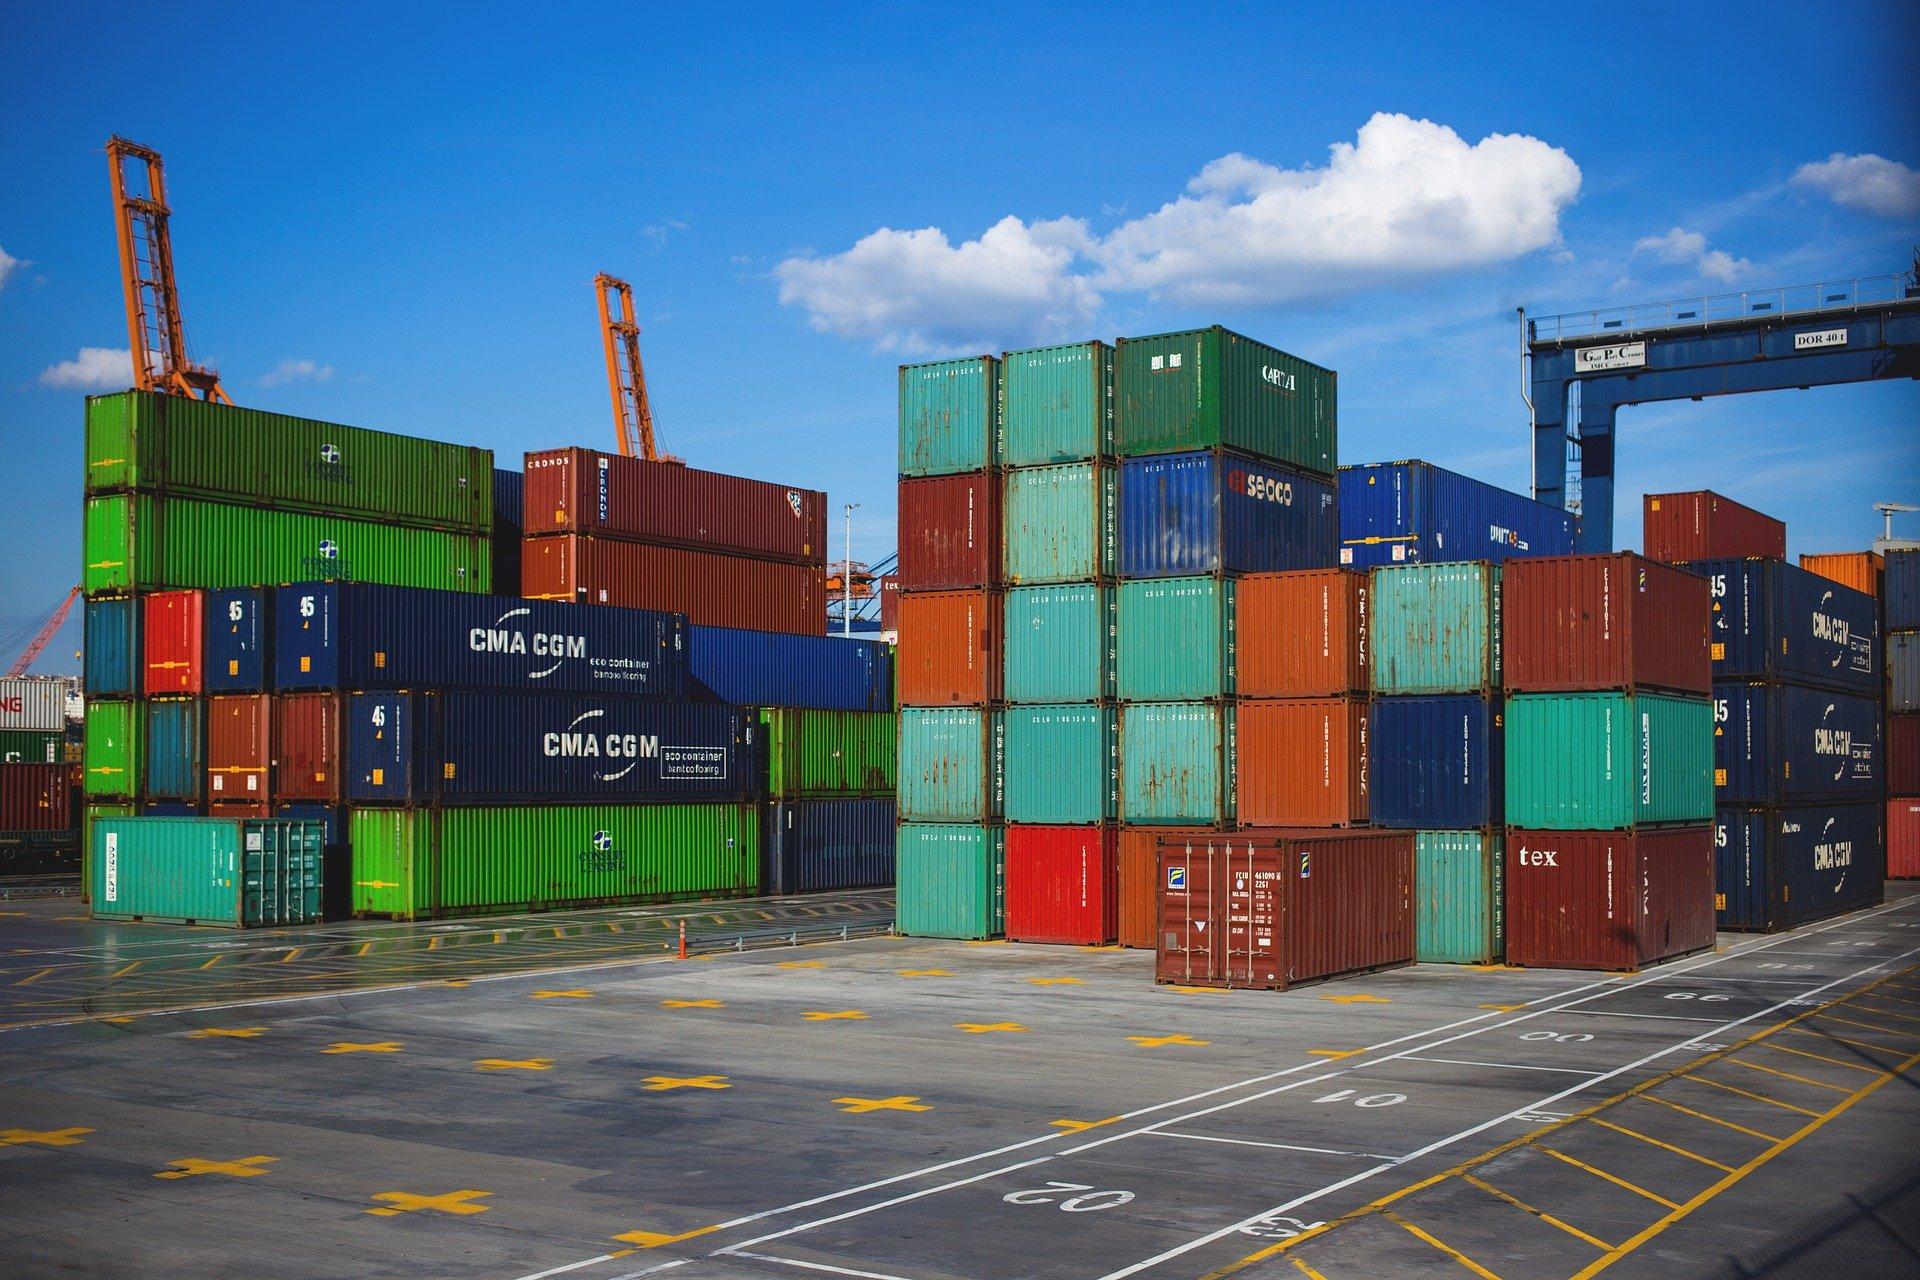 الإستيراد والتصدير، تعريفه، تاريخه، تأثيره، طريقته، وعلاقته بتوازن التجارة